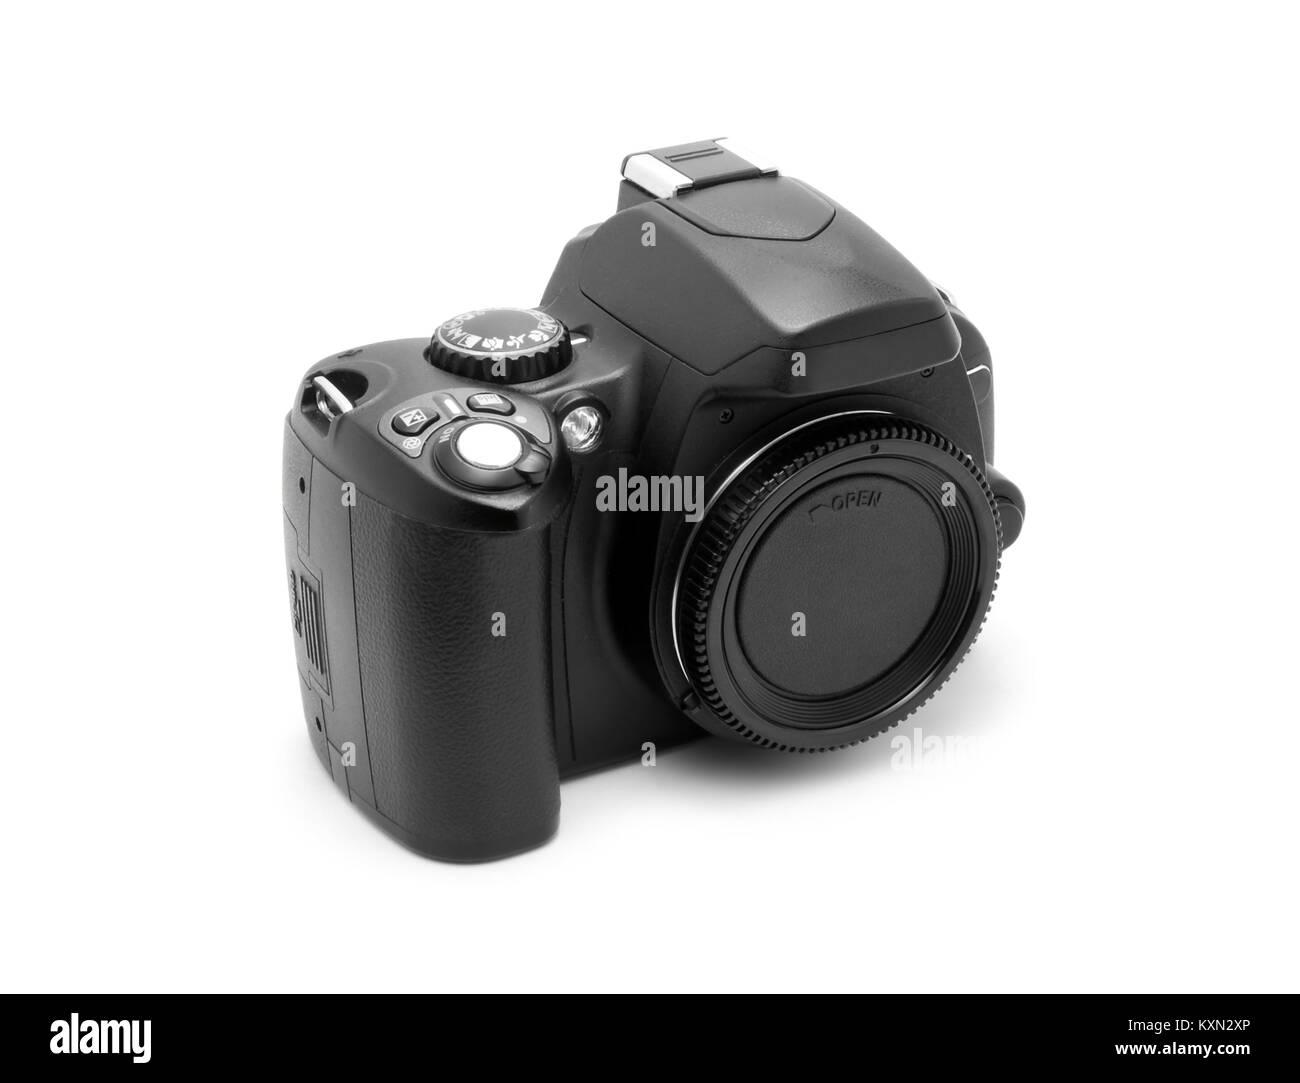 Dslr photo camera body isolated - Stock Image